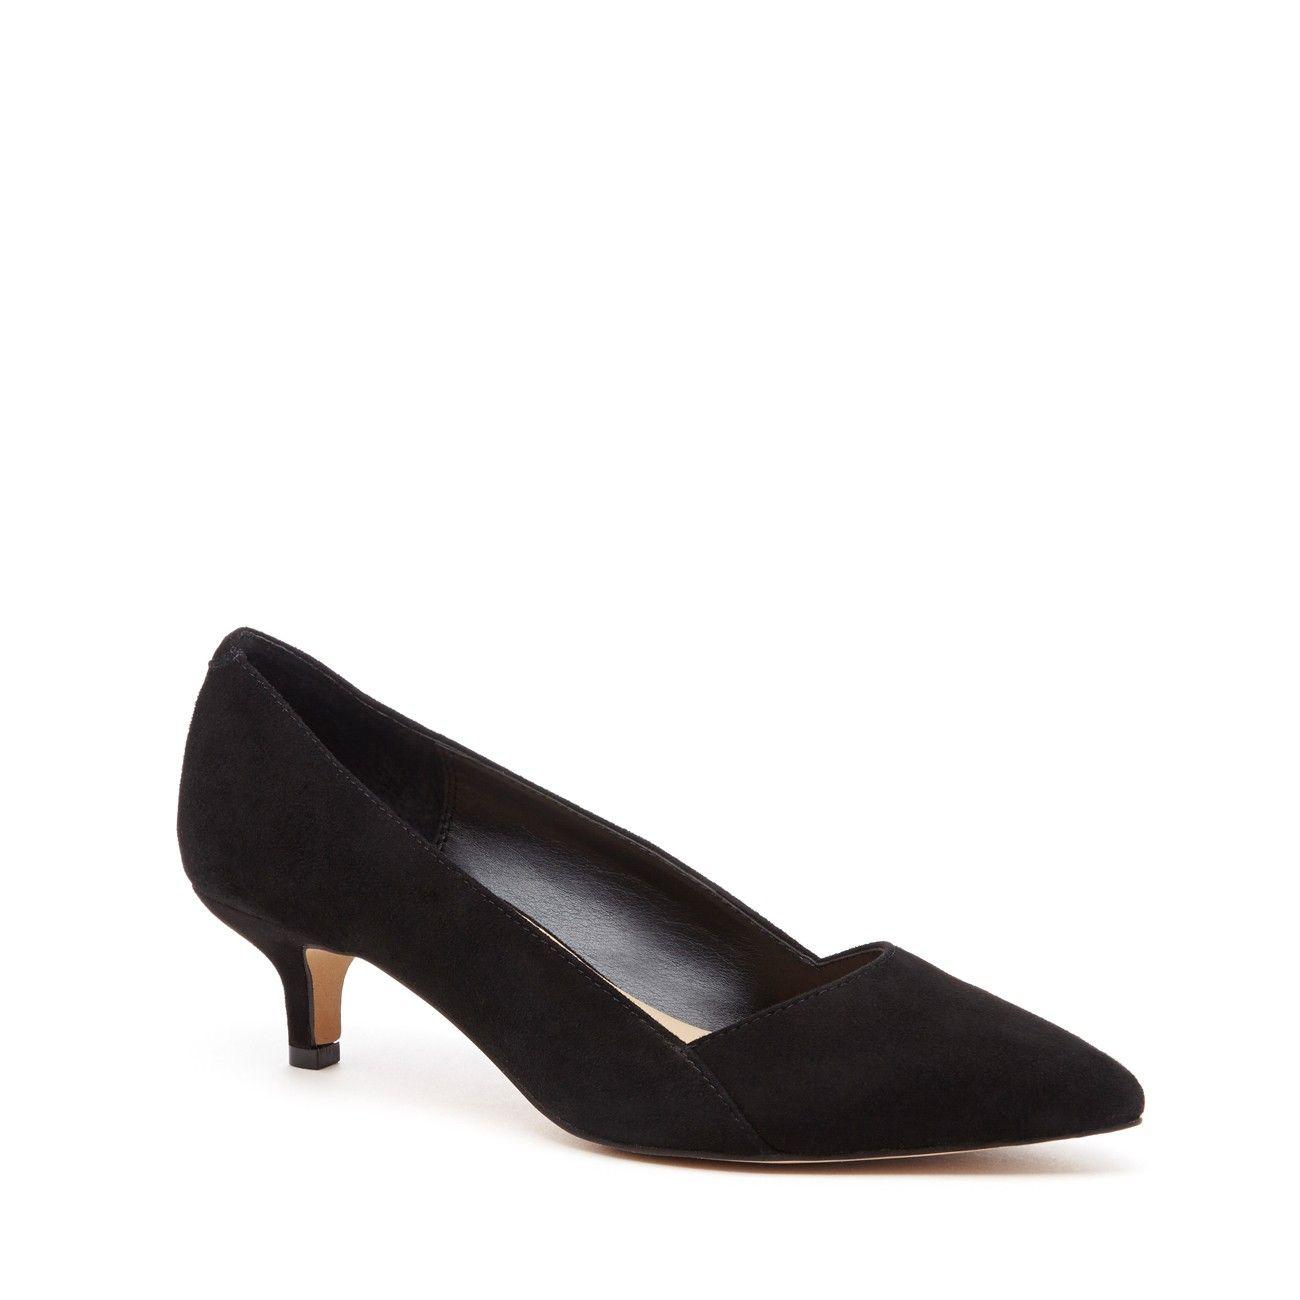 Women S Black Suede 1 3 4 Inch Kitten Heel Pump Desi By Sole Society Kitten Heels Heels Black Pumps Heels